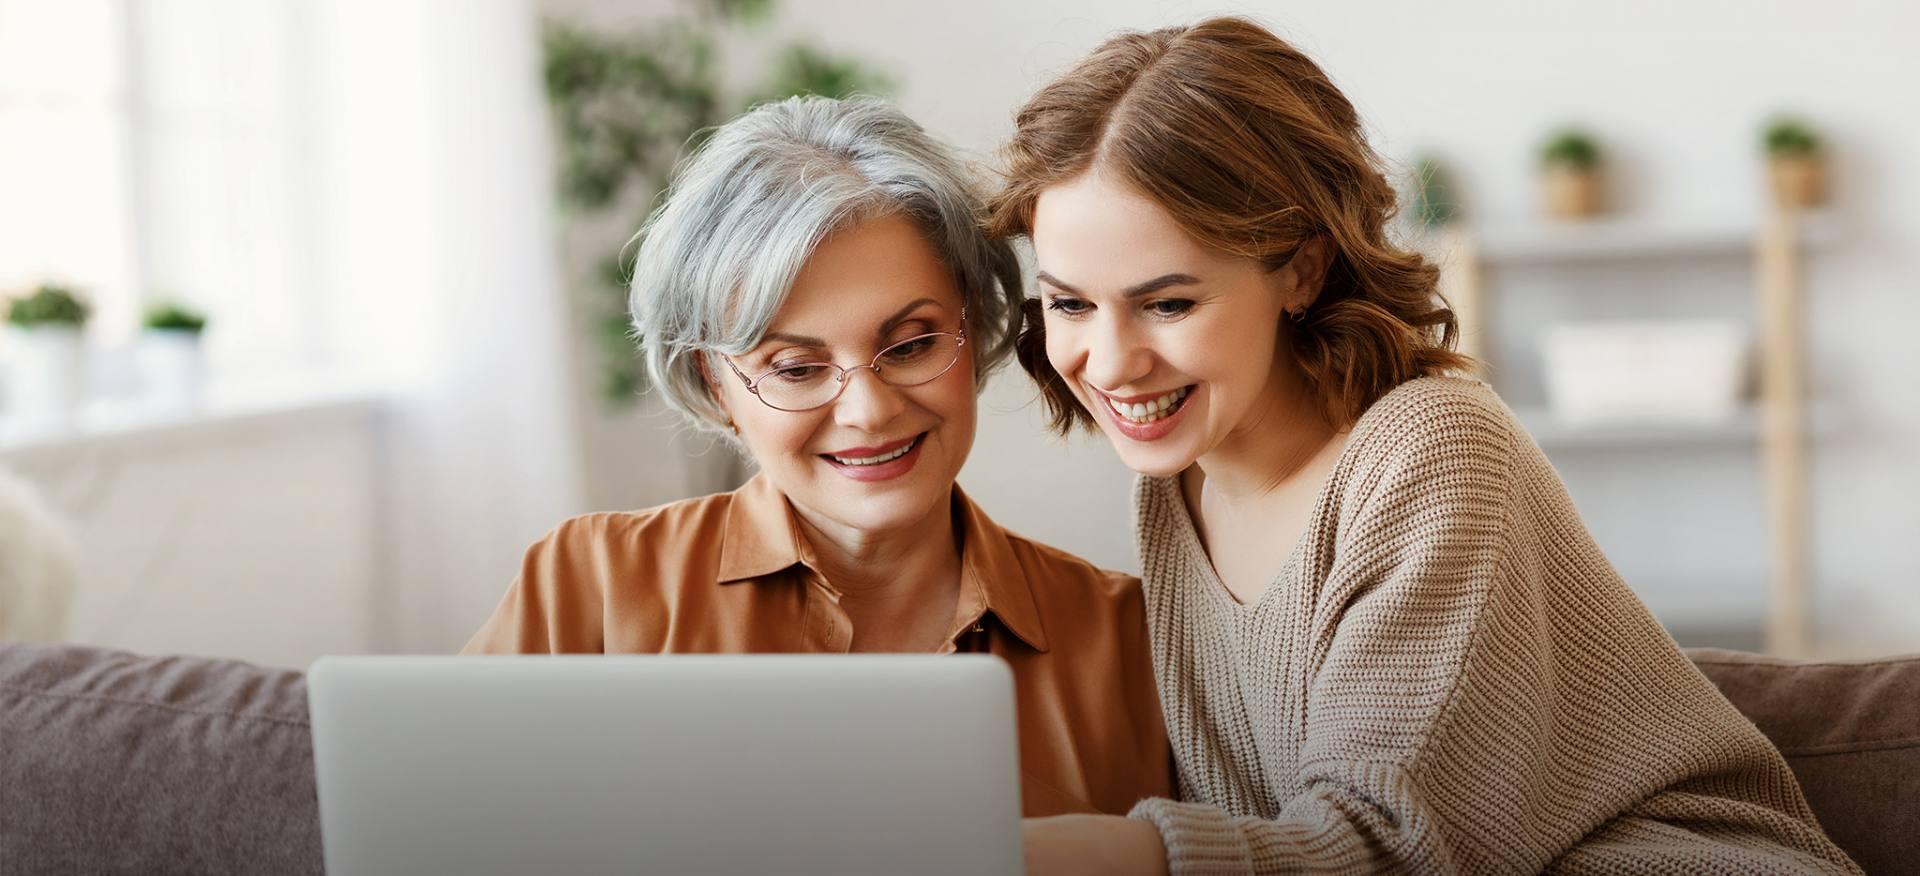 Młoda kobieta pomaga mamie wybrać najlepsze ubezpieczenie na życie